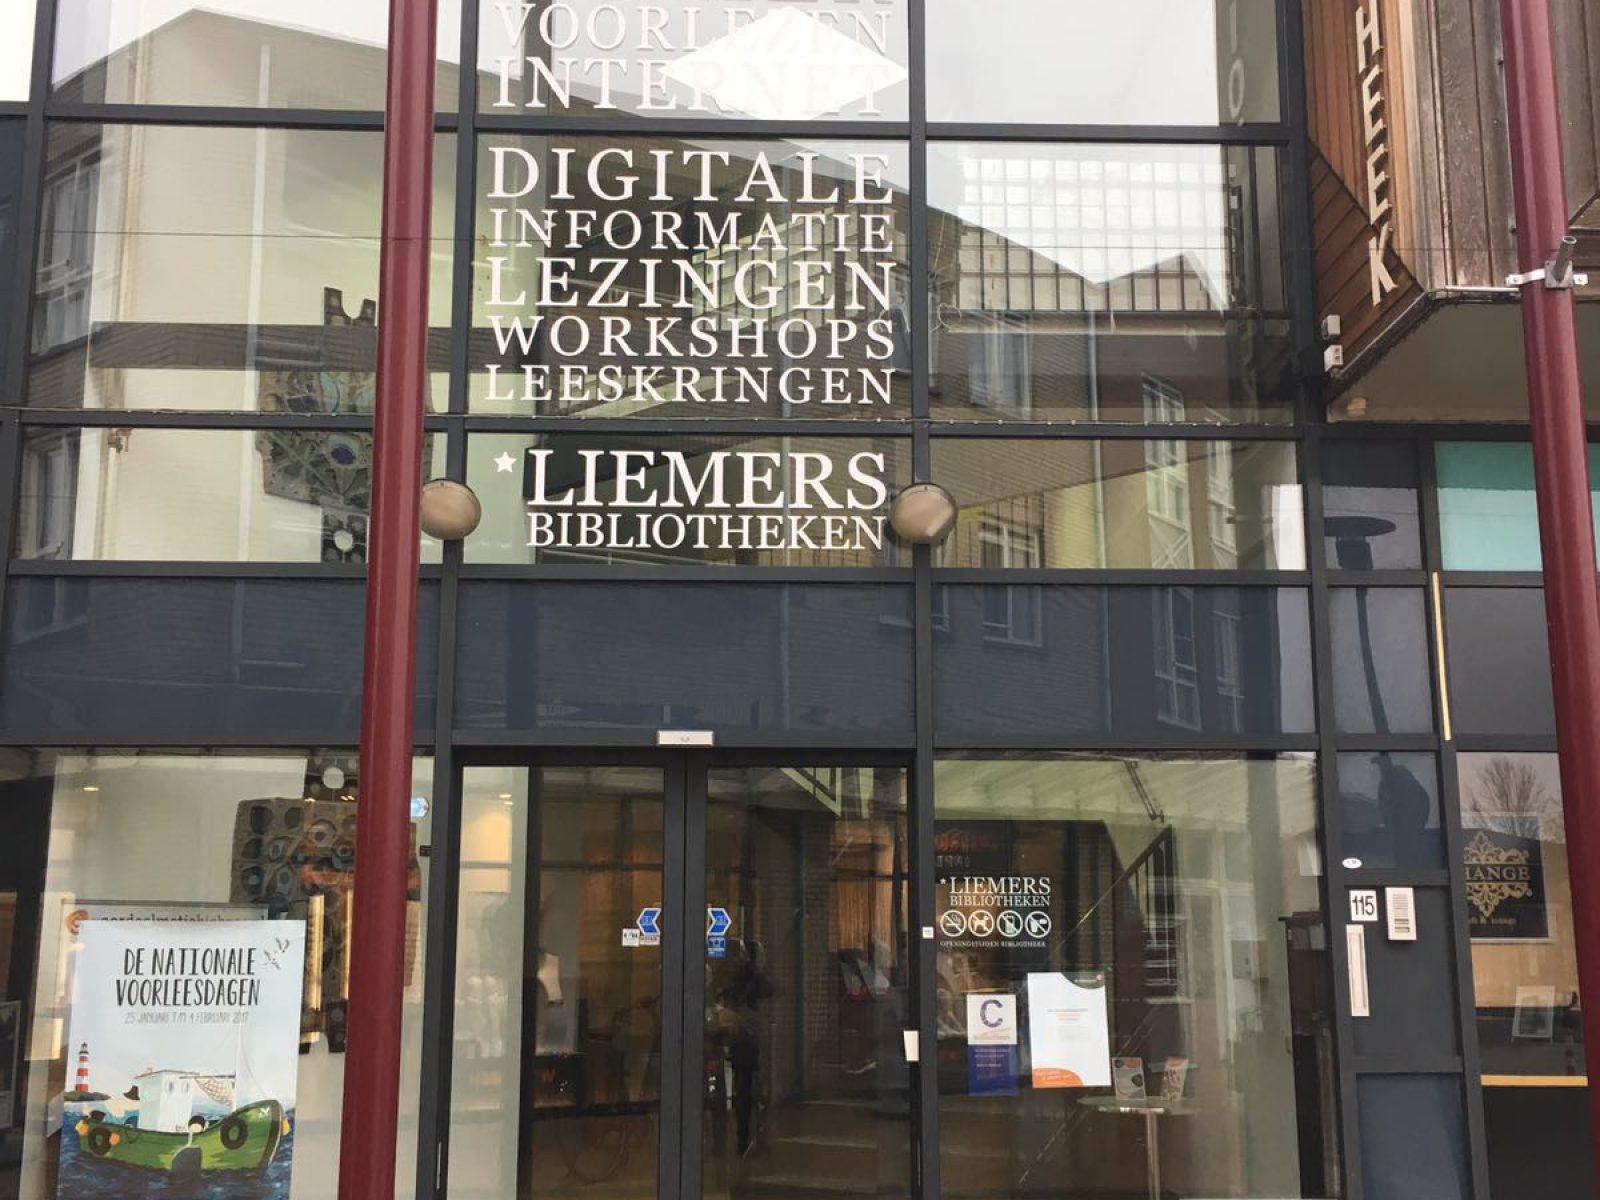 westervoort krijgt een moderne, nieuwe bibliotheek | liemers actueel